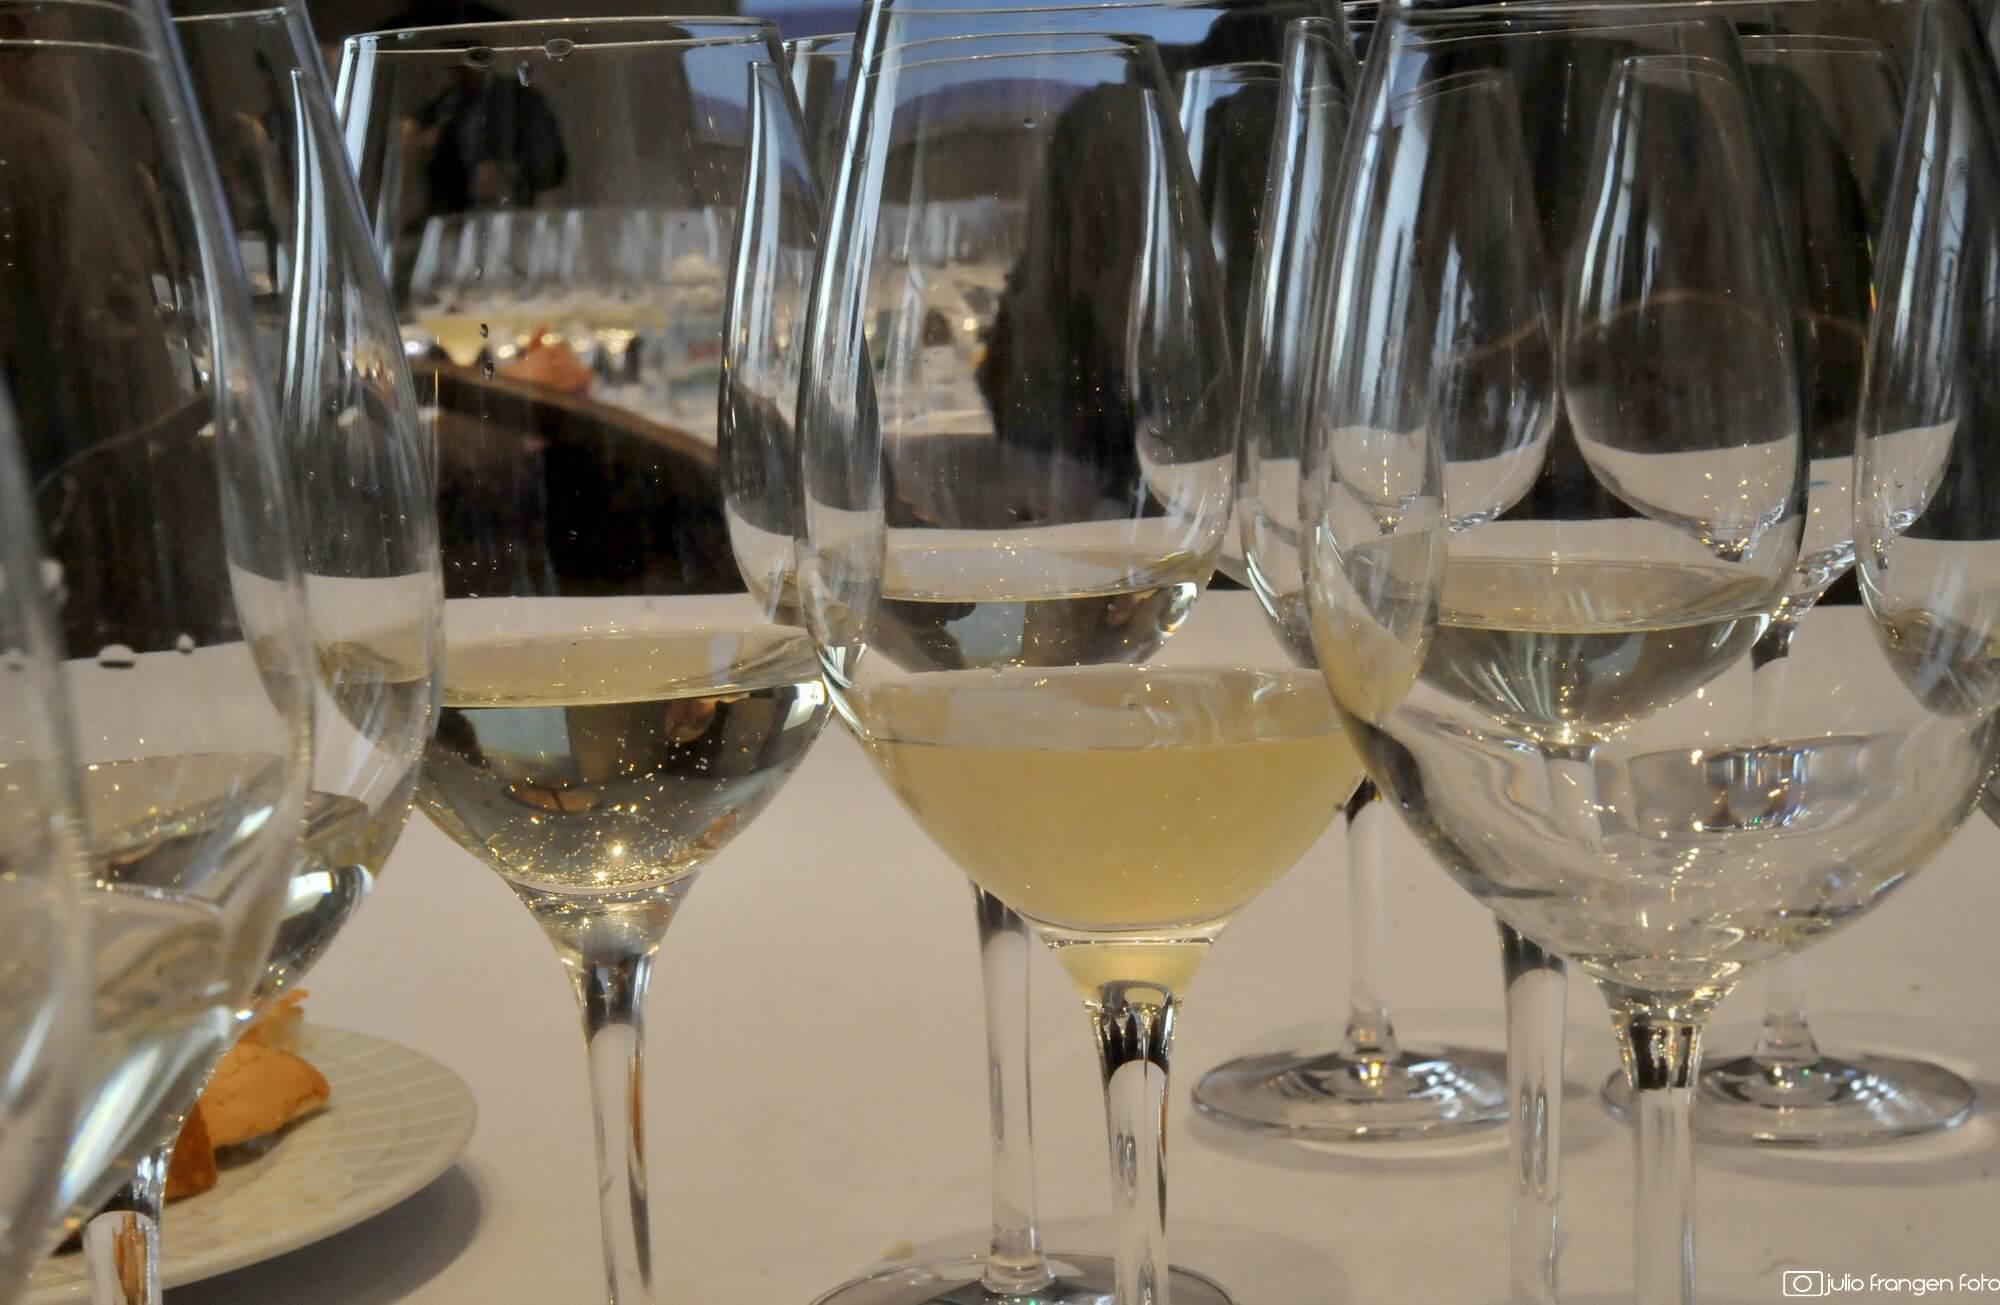 EN PRIMEUR 2020. – malvazije, žlahtine, kraljevine, škrleti i ružičasta vina berbe 2019. u prvom planu